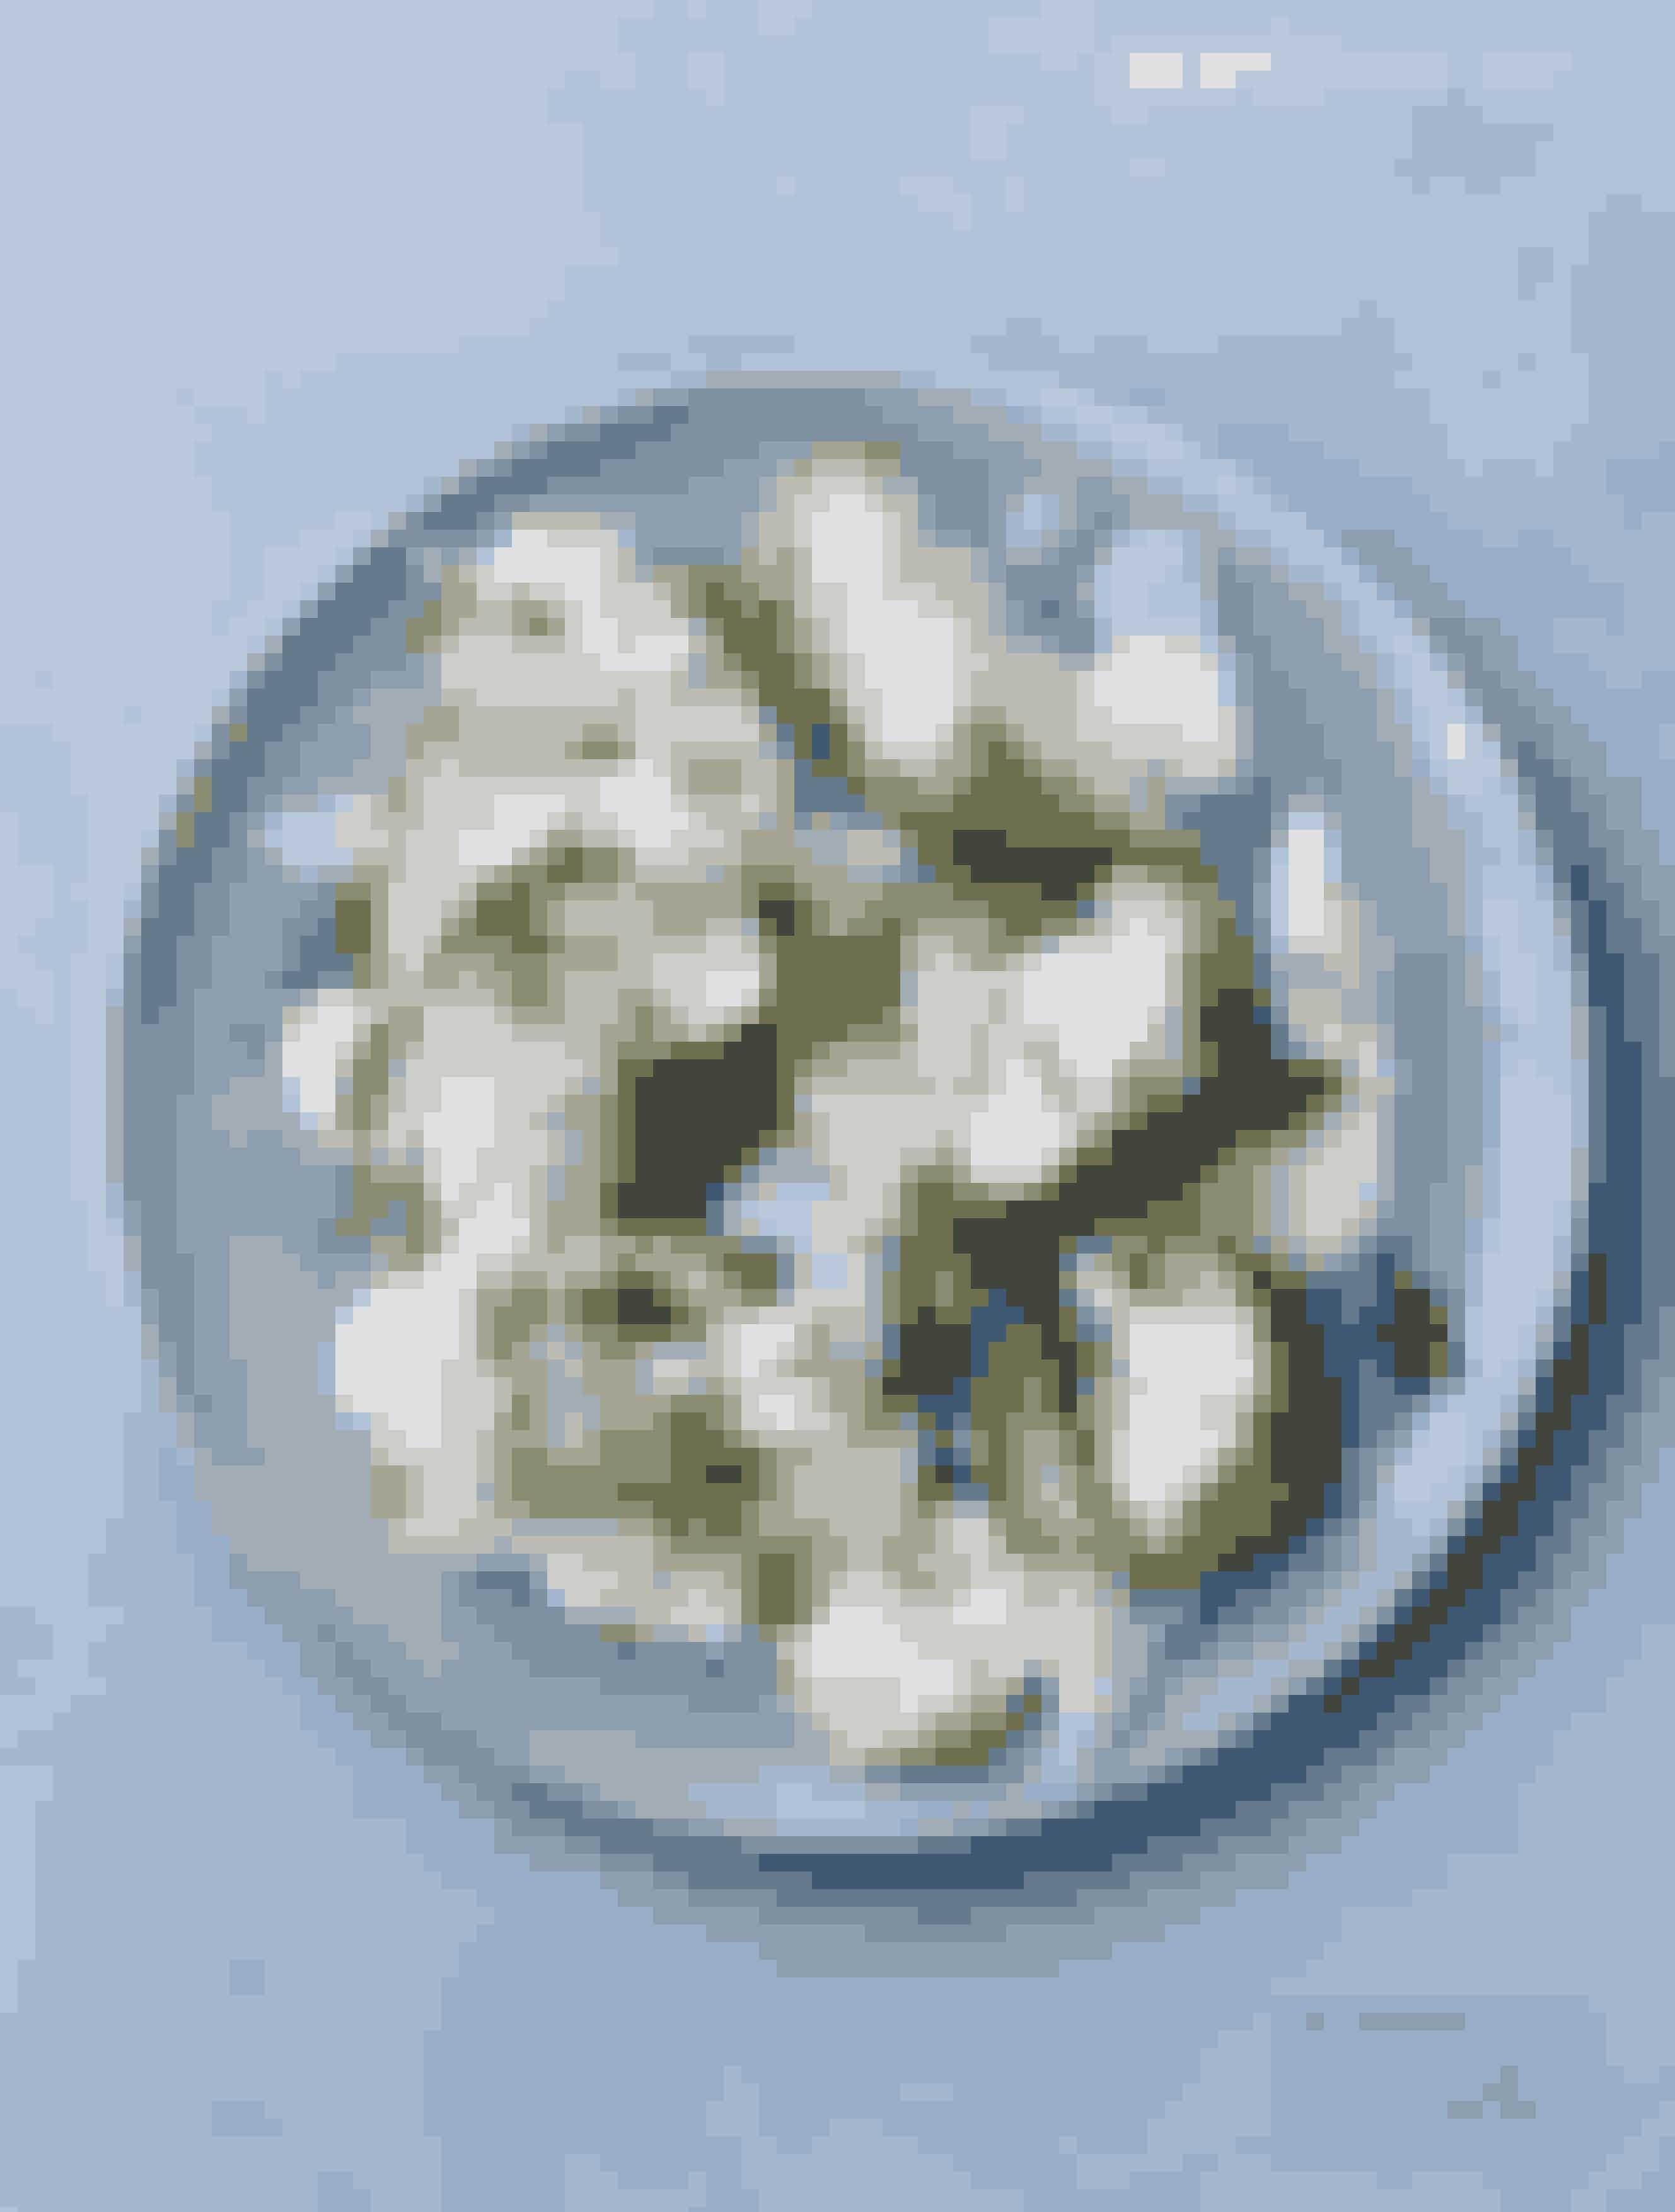 Spis den som let frokost, tilbehør til din middag eller som selveste hovedmåltidet. Lav den med få, men friske gode råvarer, og bind smagen sammen af dressinger med både sødme, skarphed og fedme. Salaten er til det hele.